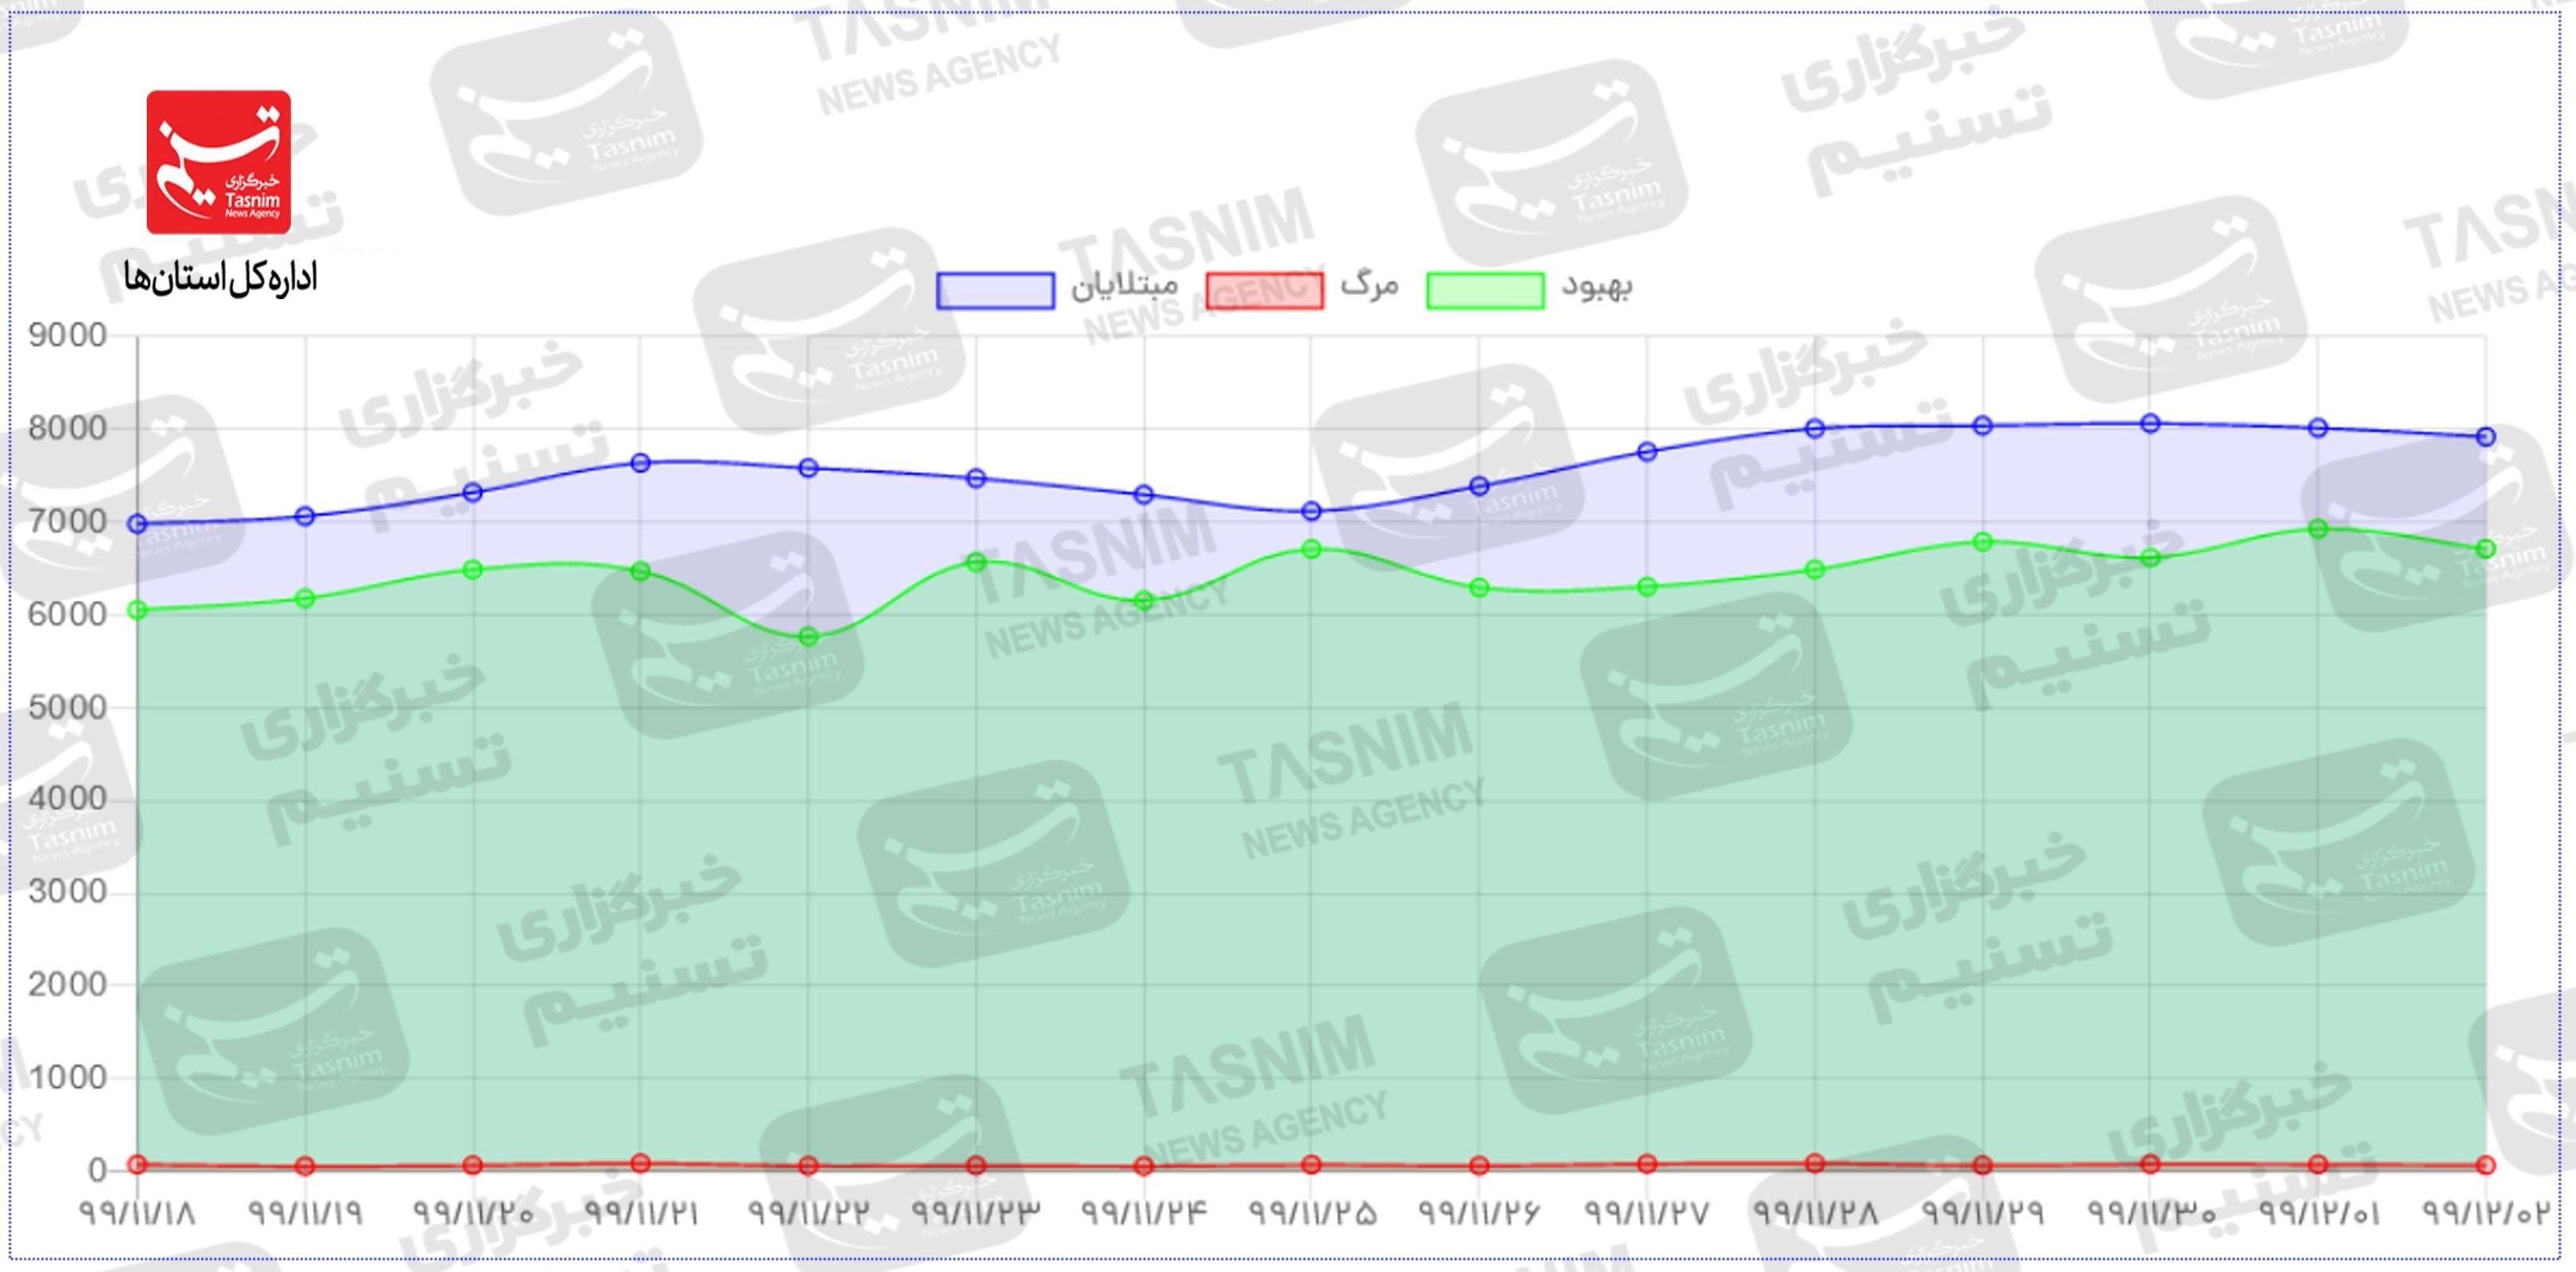 13991203101137318222826510 - تازهترین اخبار کویید ۱۹ در ایران|ویروس انگلیس آمد همه نمودارها صعودی شد/زنگ خطر همهگیری در استانهای همجوار خوزستان به صدا درآمد + جدول و نقشه